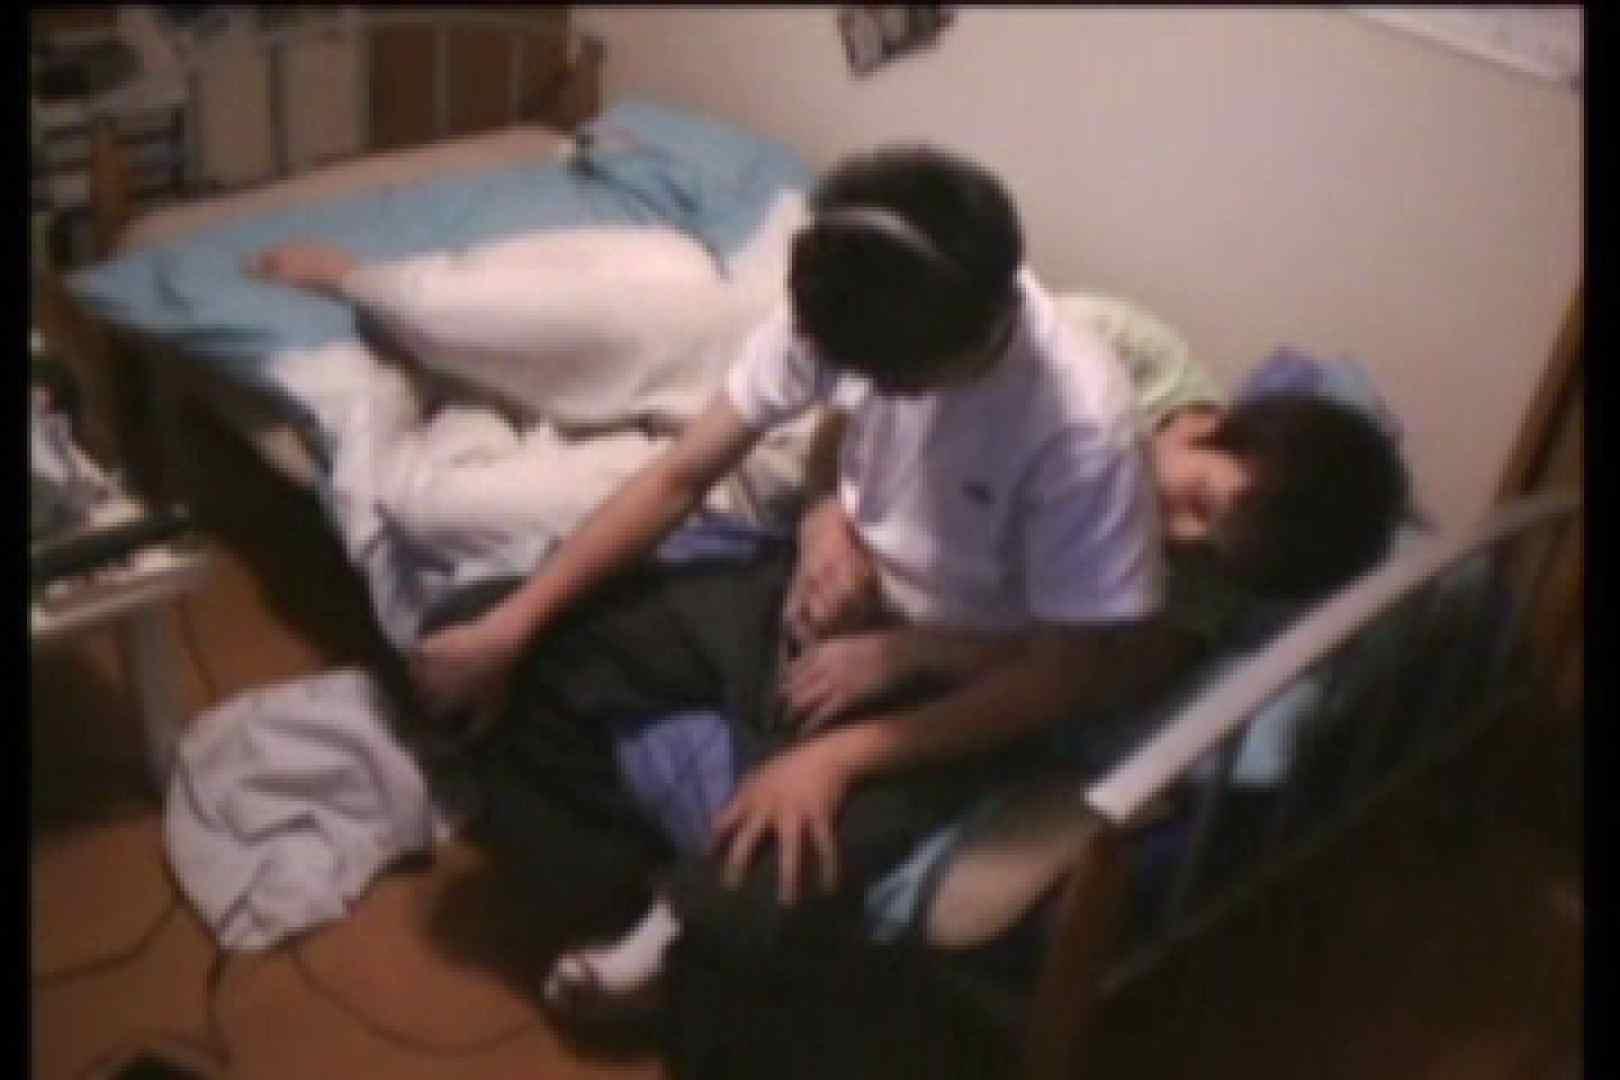 【実録投稿】友達覗撮In my room!! 射精  102pic 48